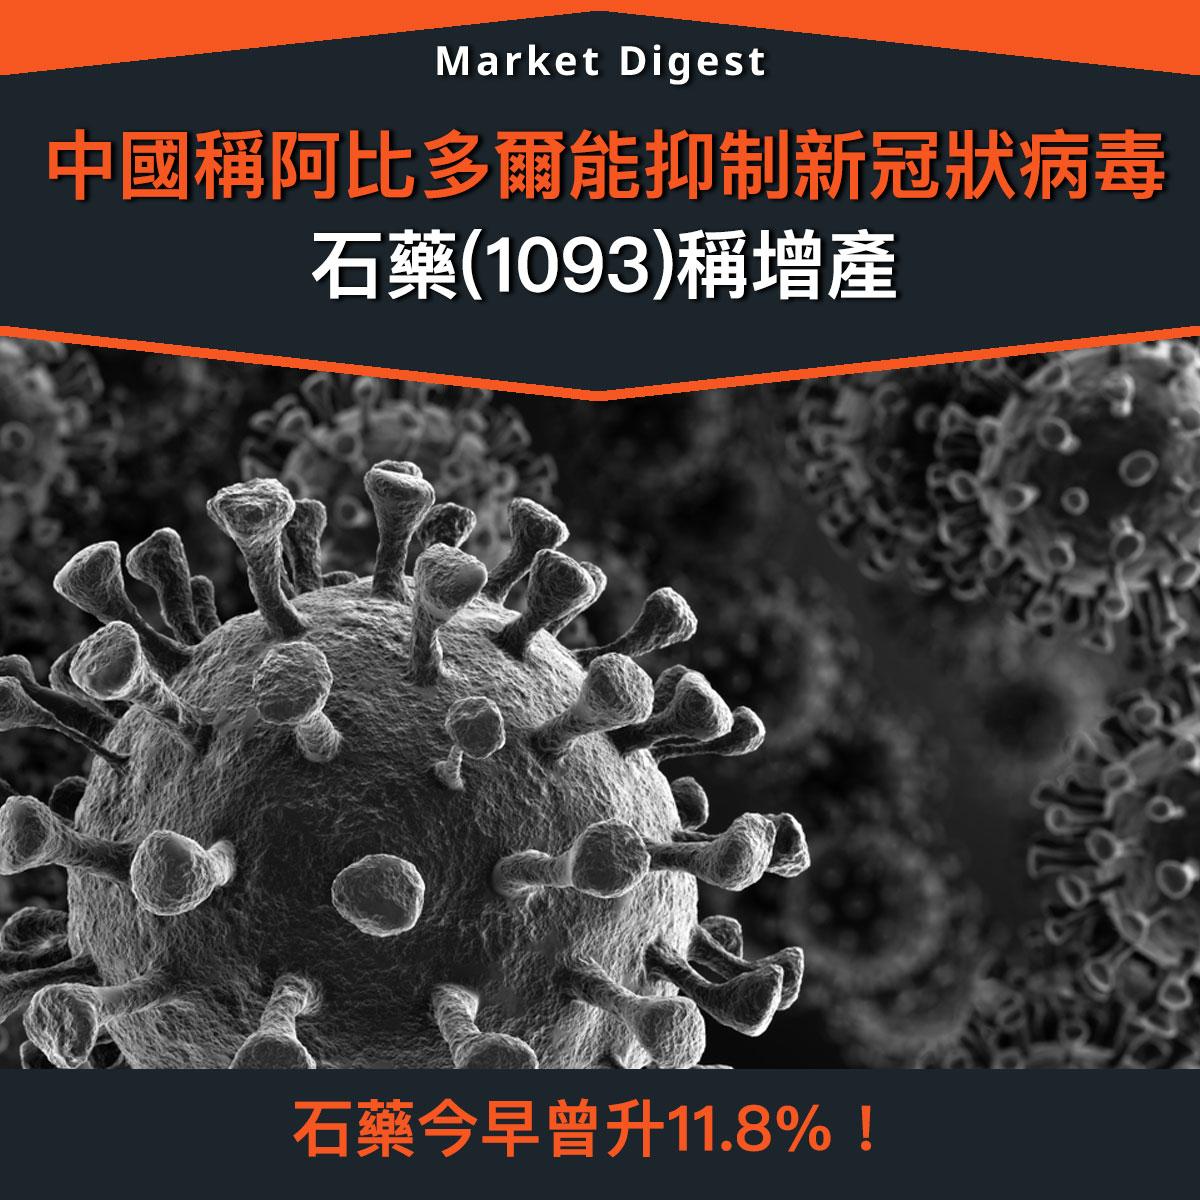 【市場熱話】中國稱阿比多爾能抑制新冠狀病毒,石藥稱增產